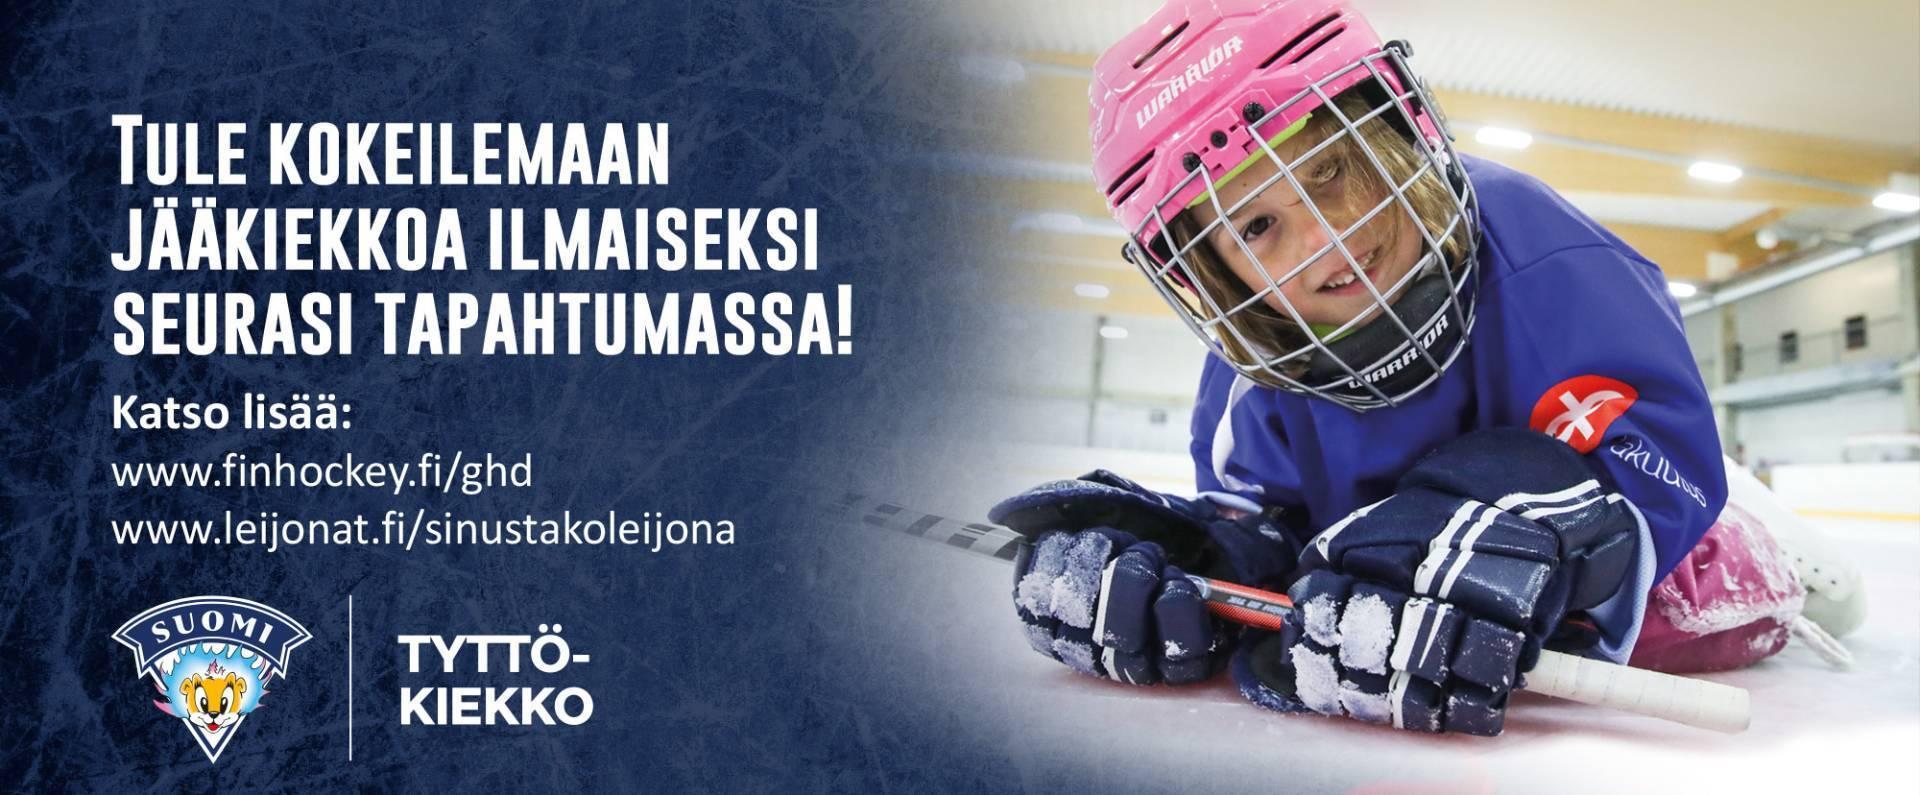 Juniori-KalPan ilmainen jääkiekon kokeilutapahtuma tytöille sunnuntaina 3.10.2021 Olvi Areenalla